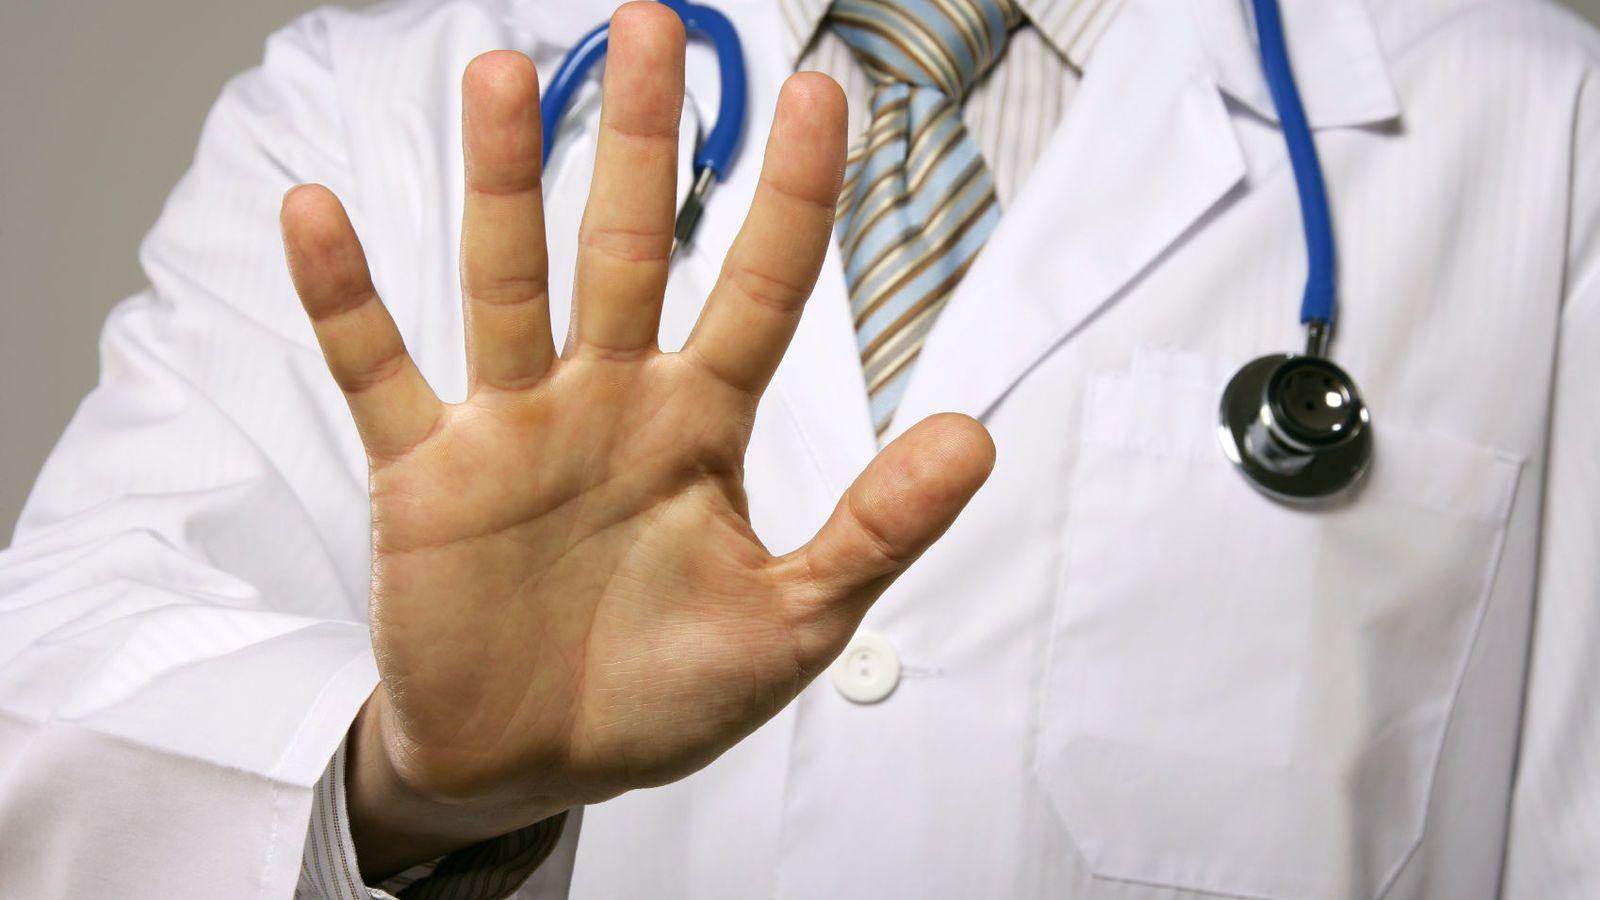 Abusos en consultorios: advierten que son masivos y que sólo 2 de cada 100 víctimas hacen la denuncia